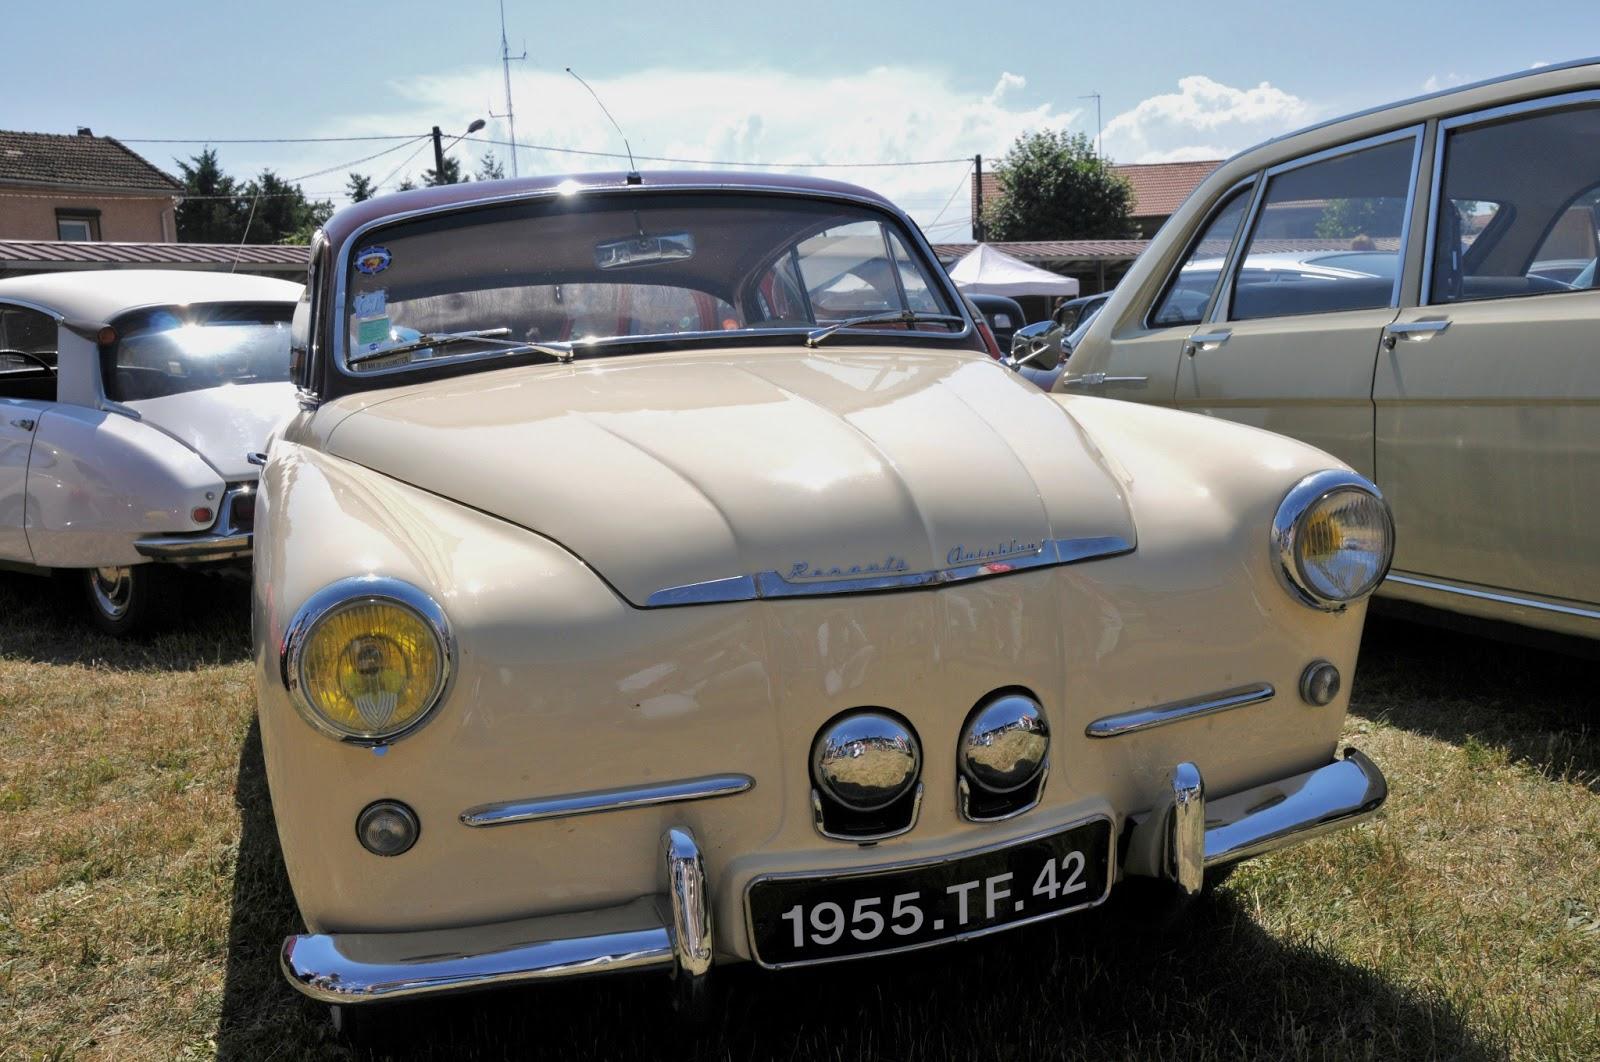 sport automobile  anciennes et modernes  renault 4cv autobleu coup u00e9 de 1955  r u00e9trofor u00e9zien 2008